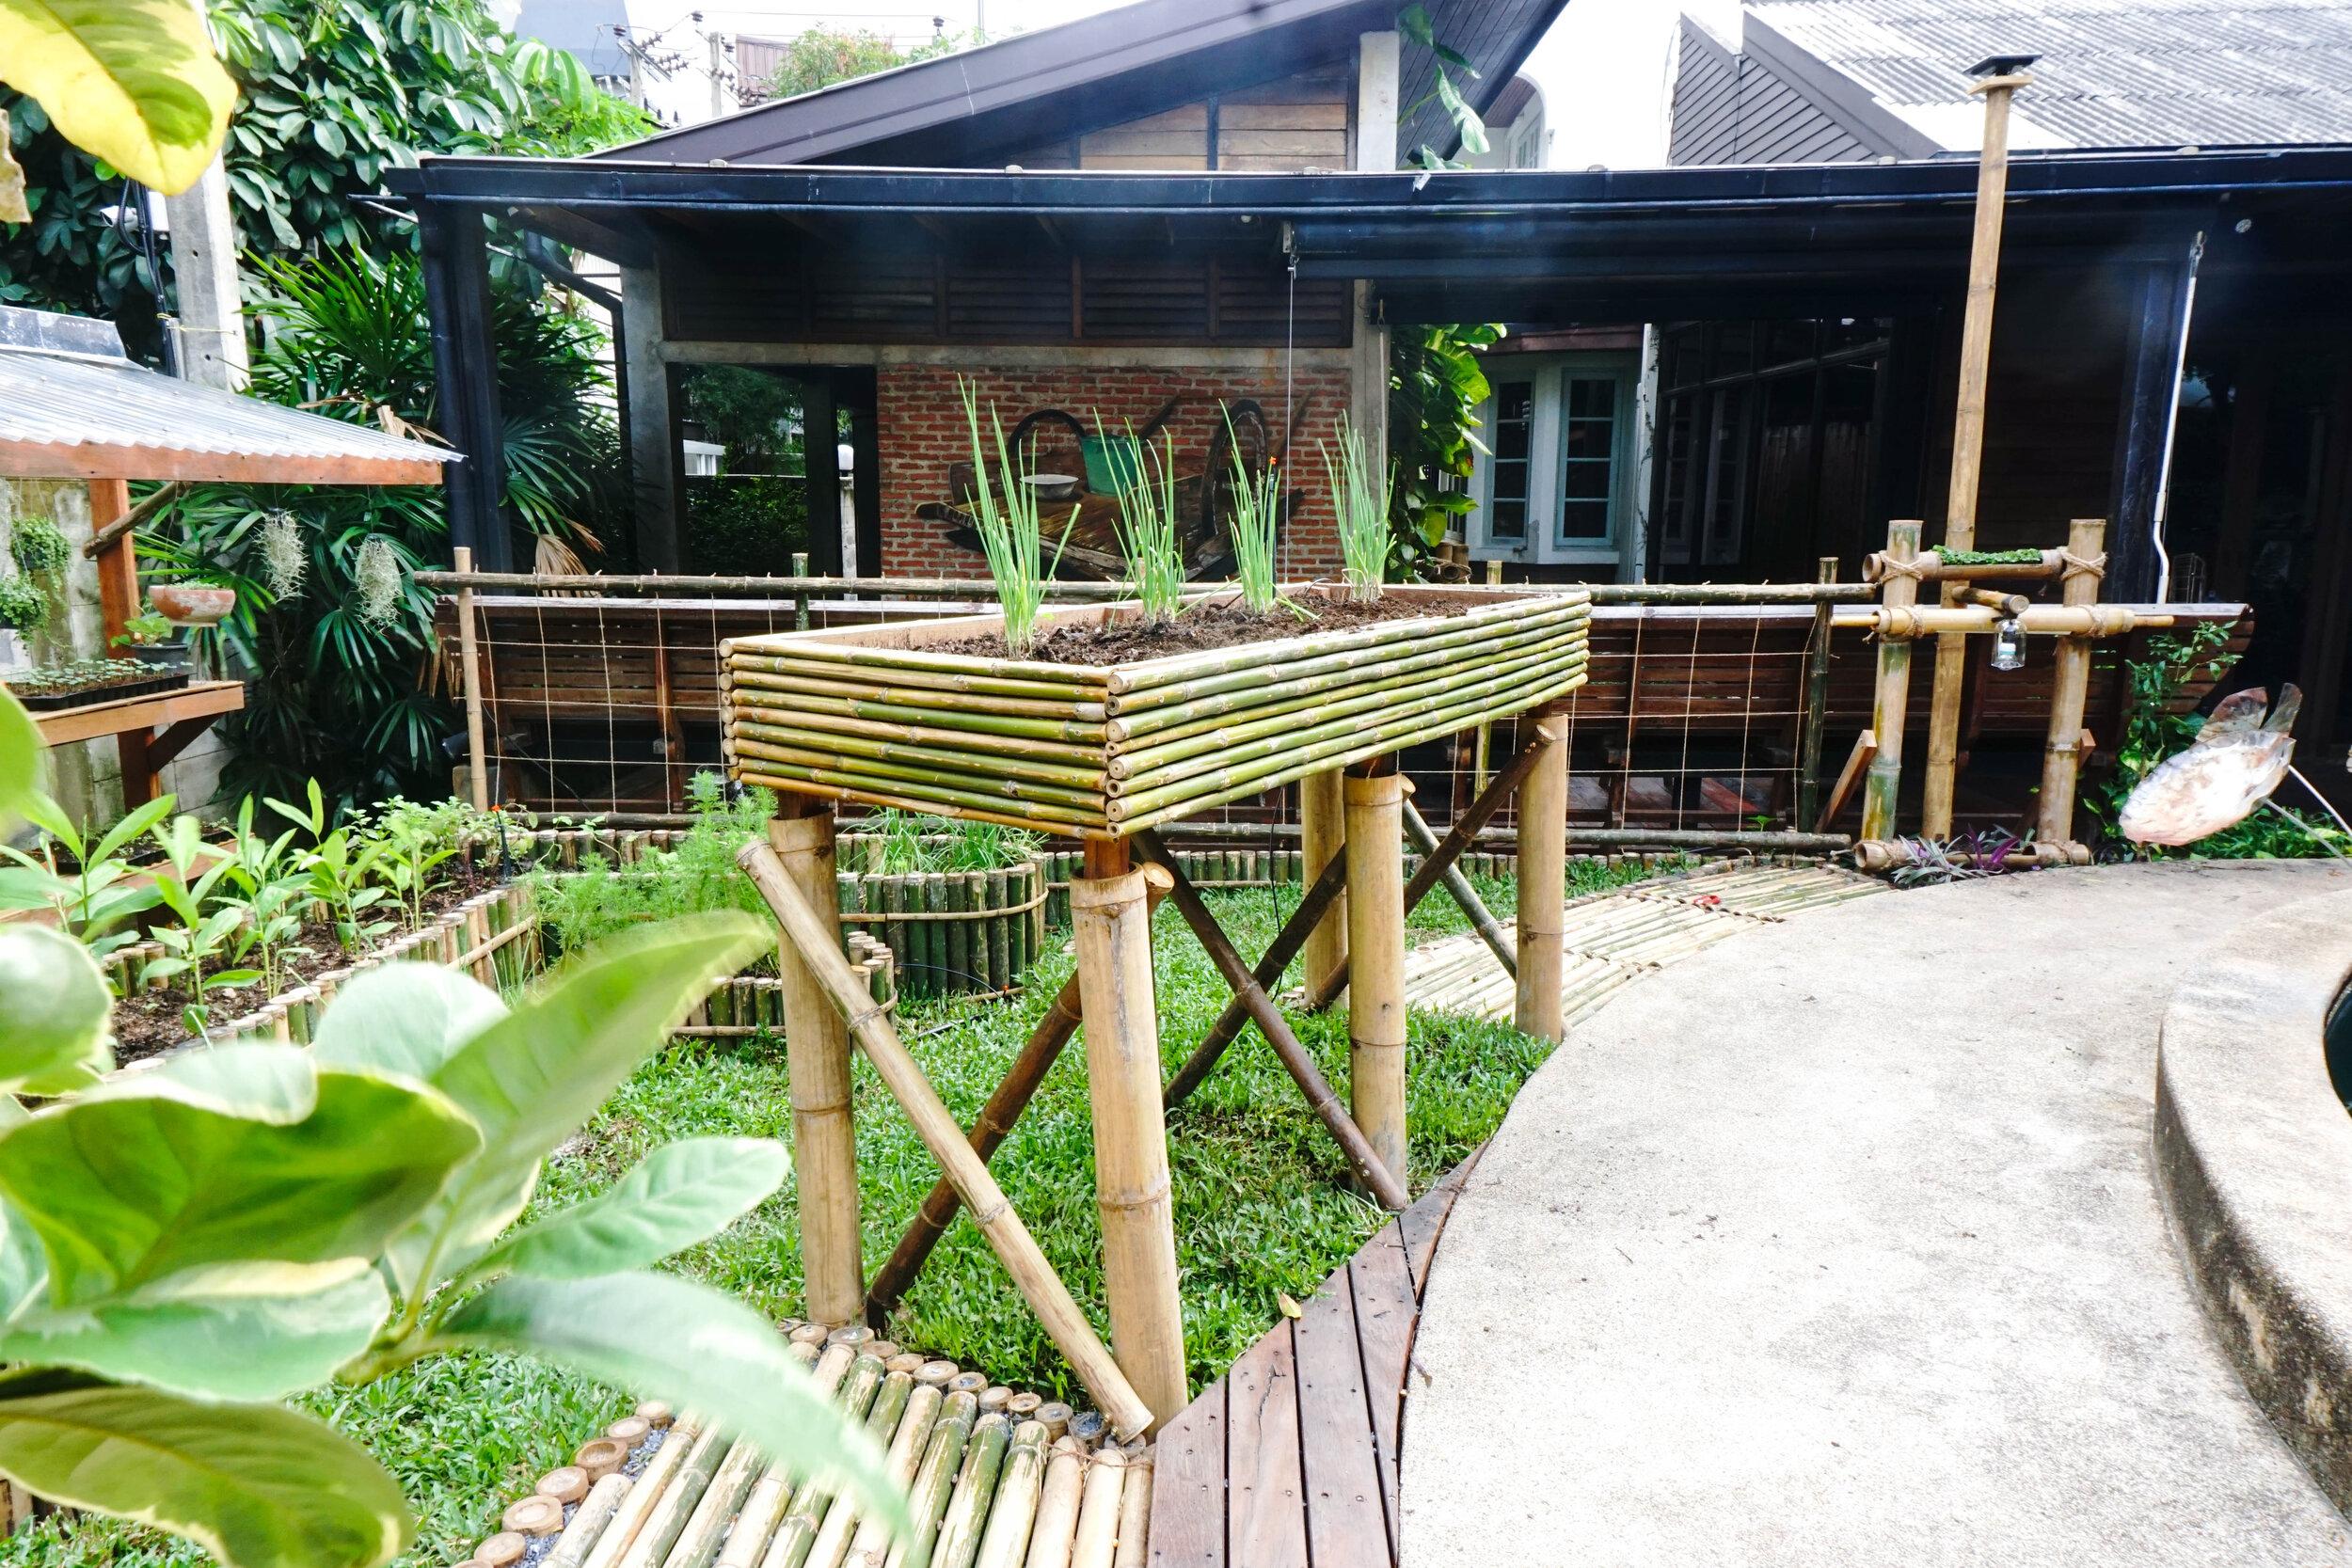 Bo.lan Edible Garden: Wheelchair accessible area in ZONE E - The Short-term Harvest Vegetable Garden